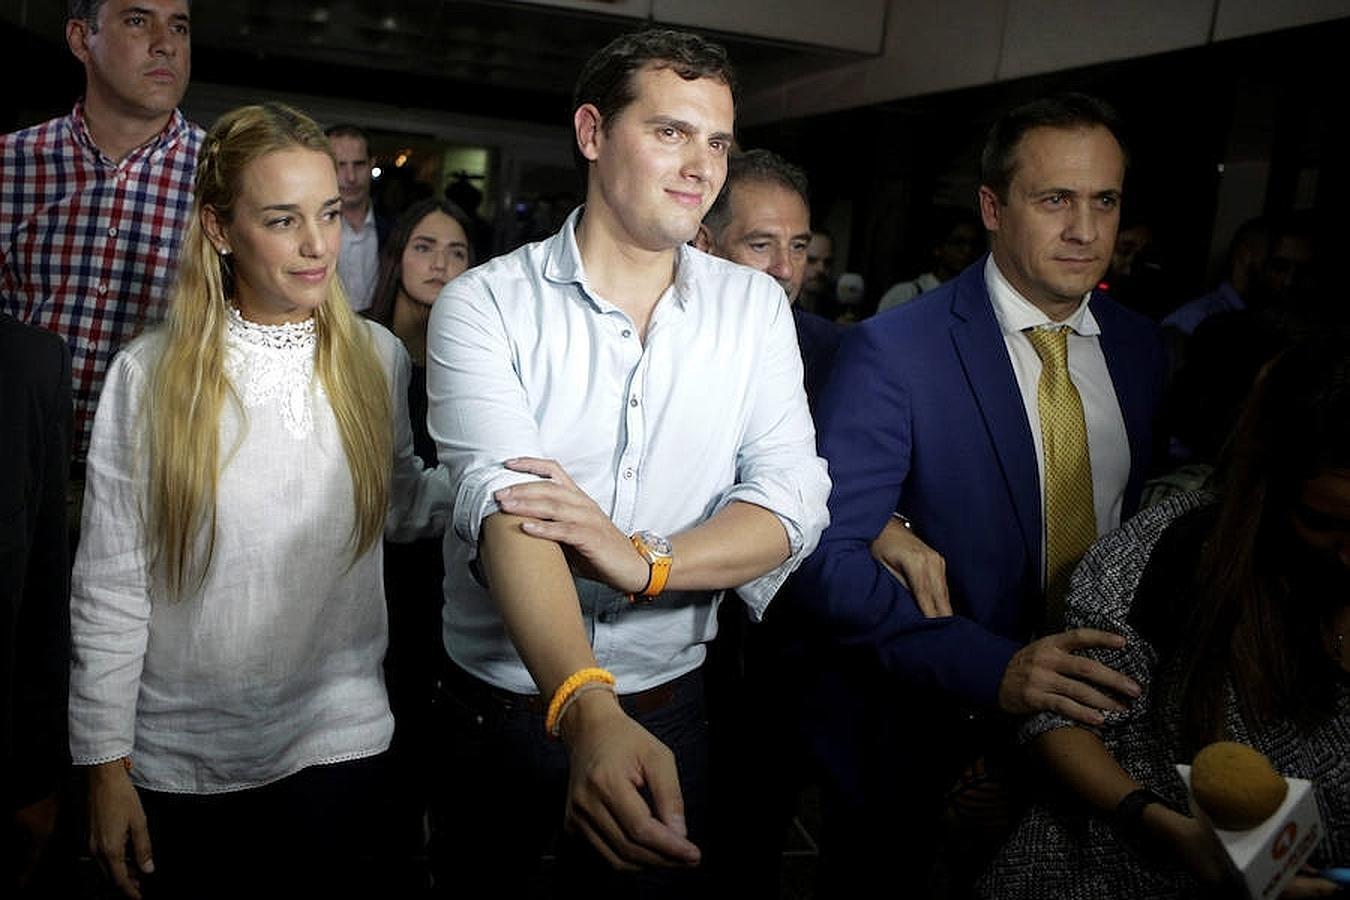 El líder de Ciudadanos Albert Rivera, llegó a Venezuela en una visita de al menos 48 horas en la que espera cumplir una agenda que sirva para